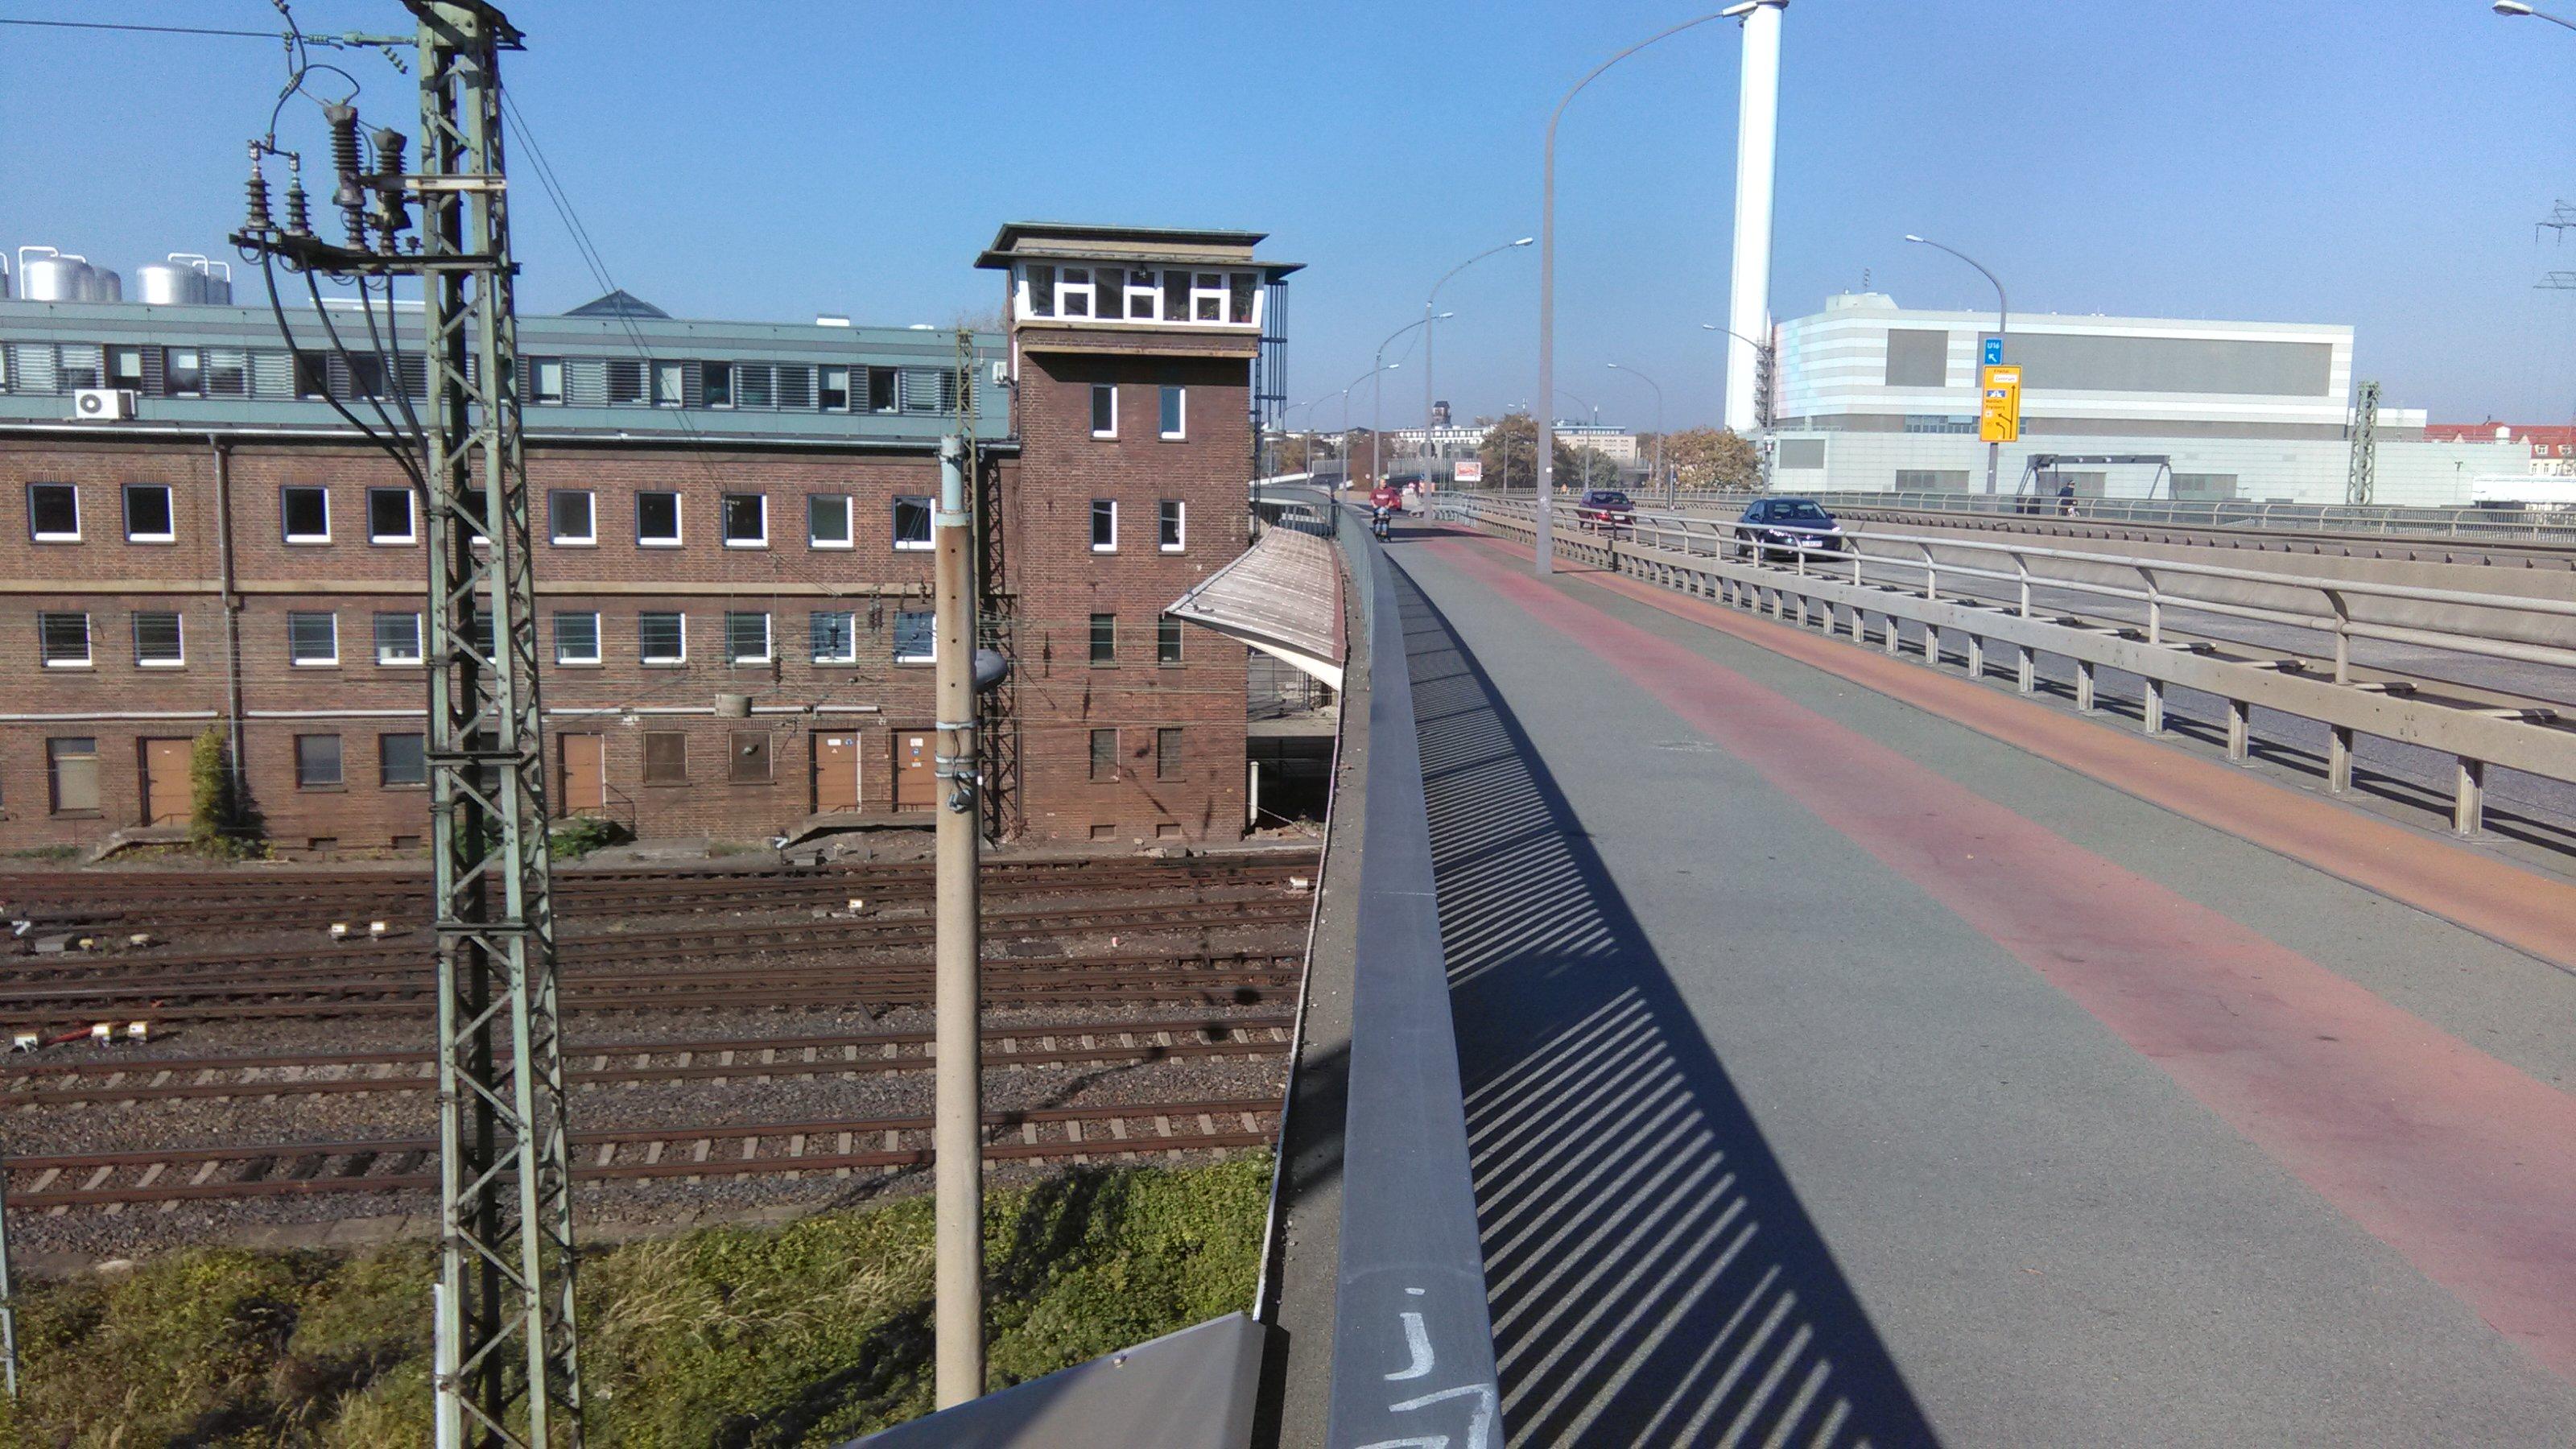 Nossener Brücke erhält S-Bahn Haltepunkt